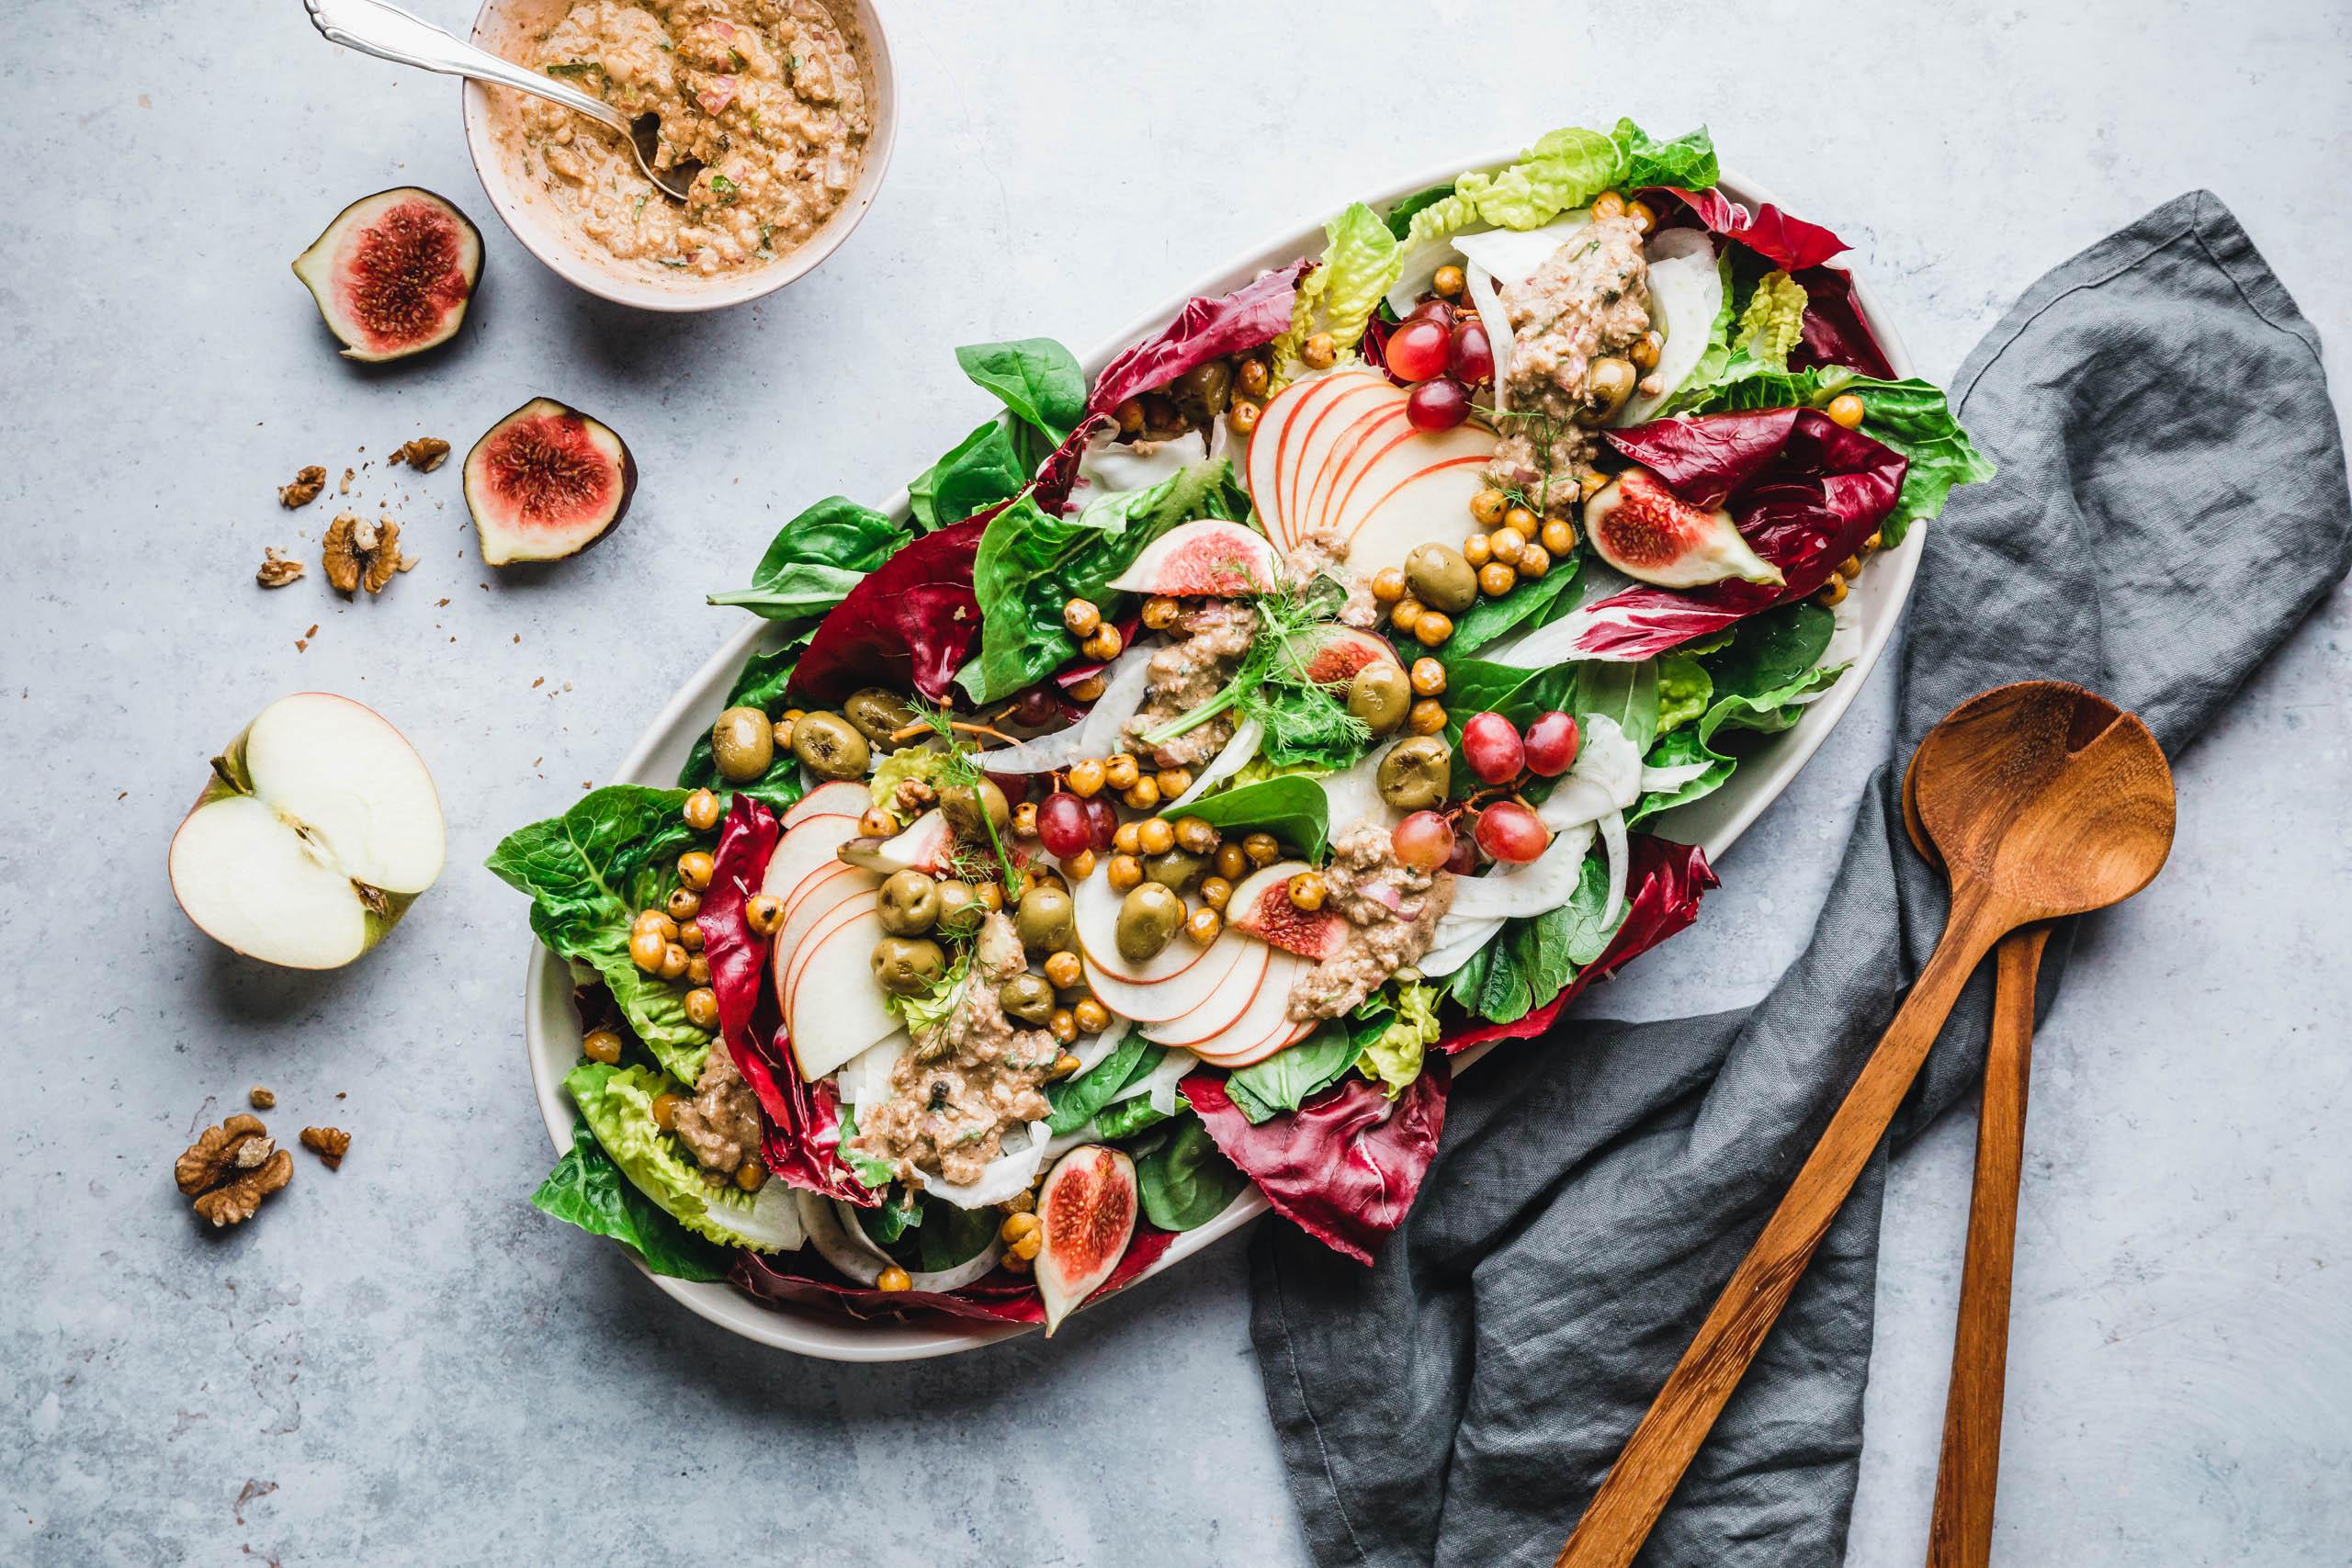 Herbstsalat mit Next Level Walnuss-Miso-Dressing